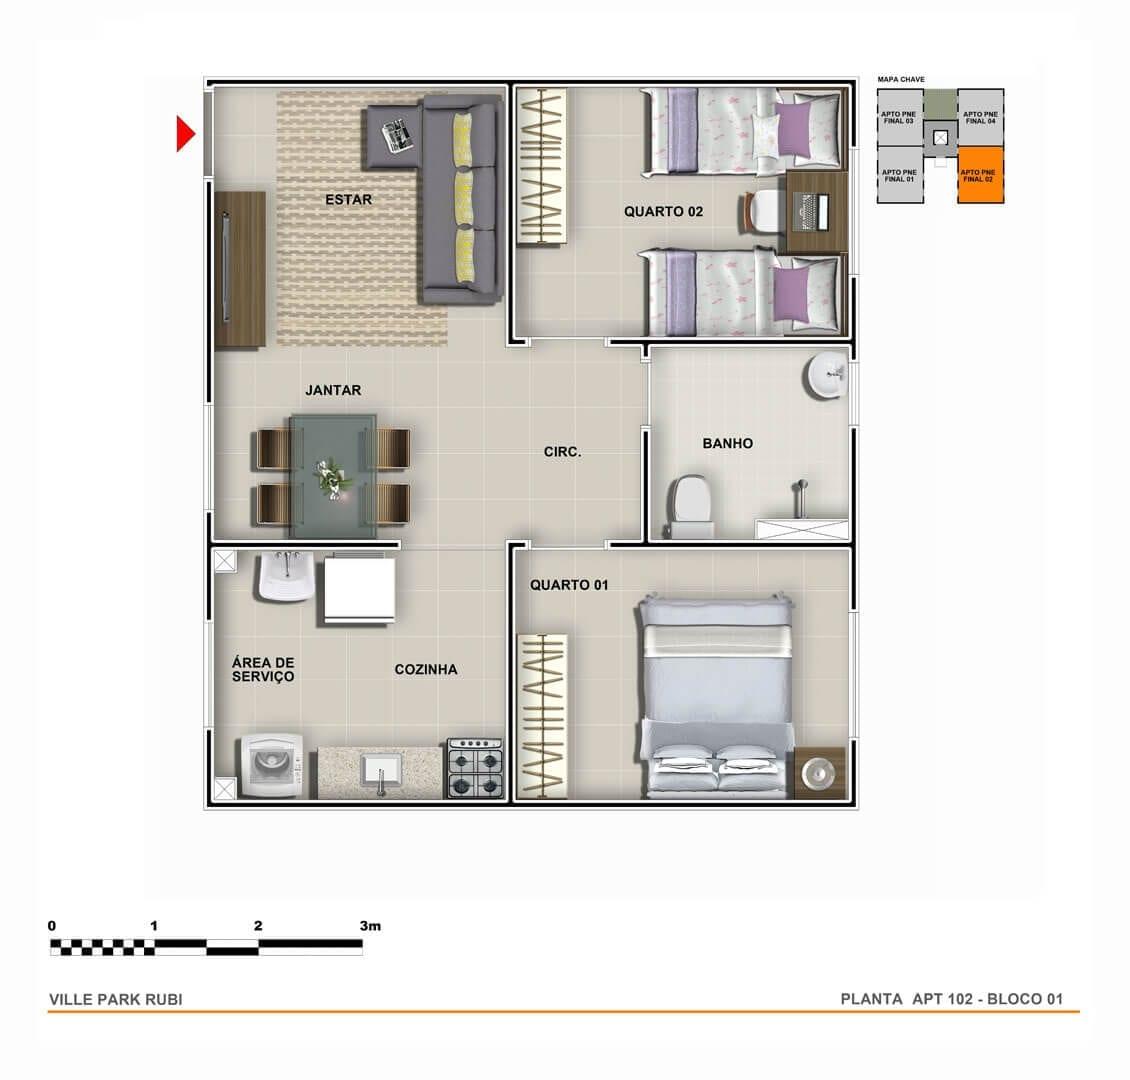 vic-engenharia-ville-park-rubi-apartamento-tipo-02